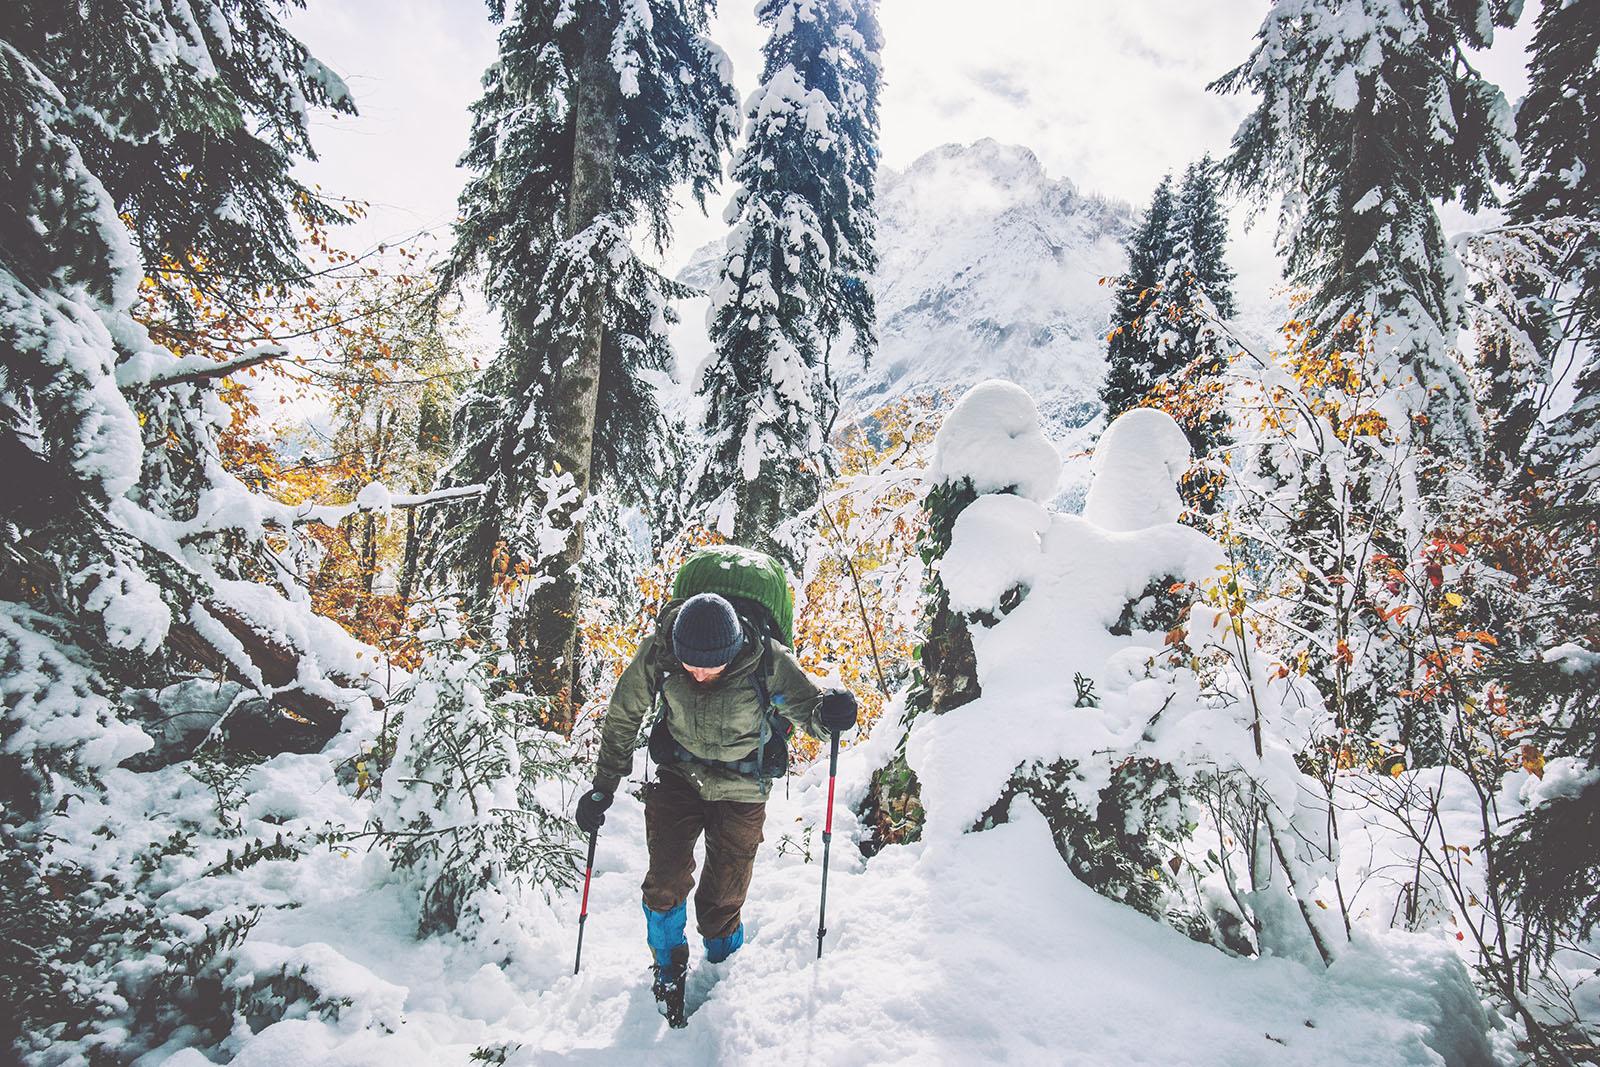 Bergwanderer im Wald auf verschneitem Berg mit Rucksack und Wanderstöcken